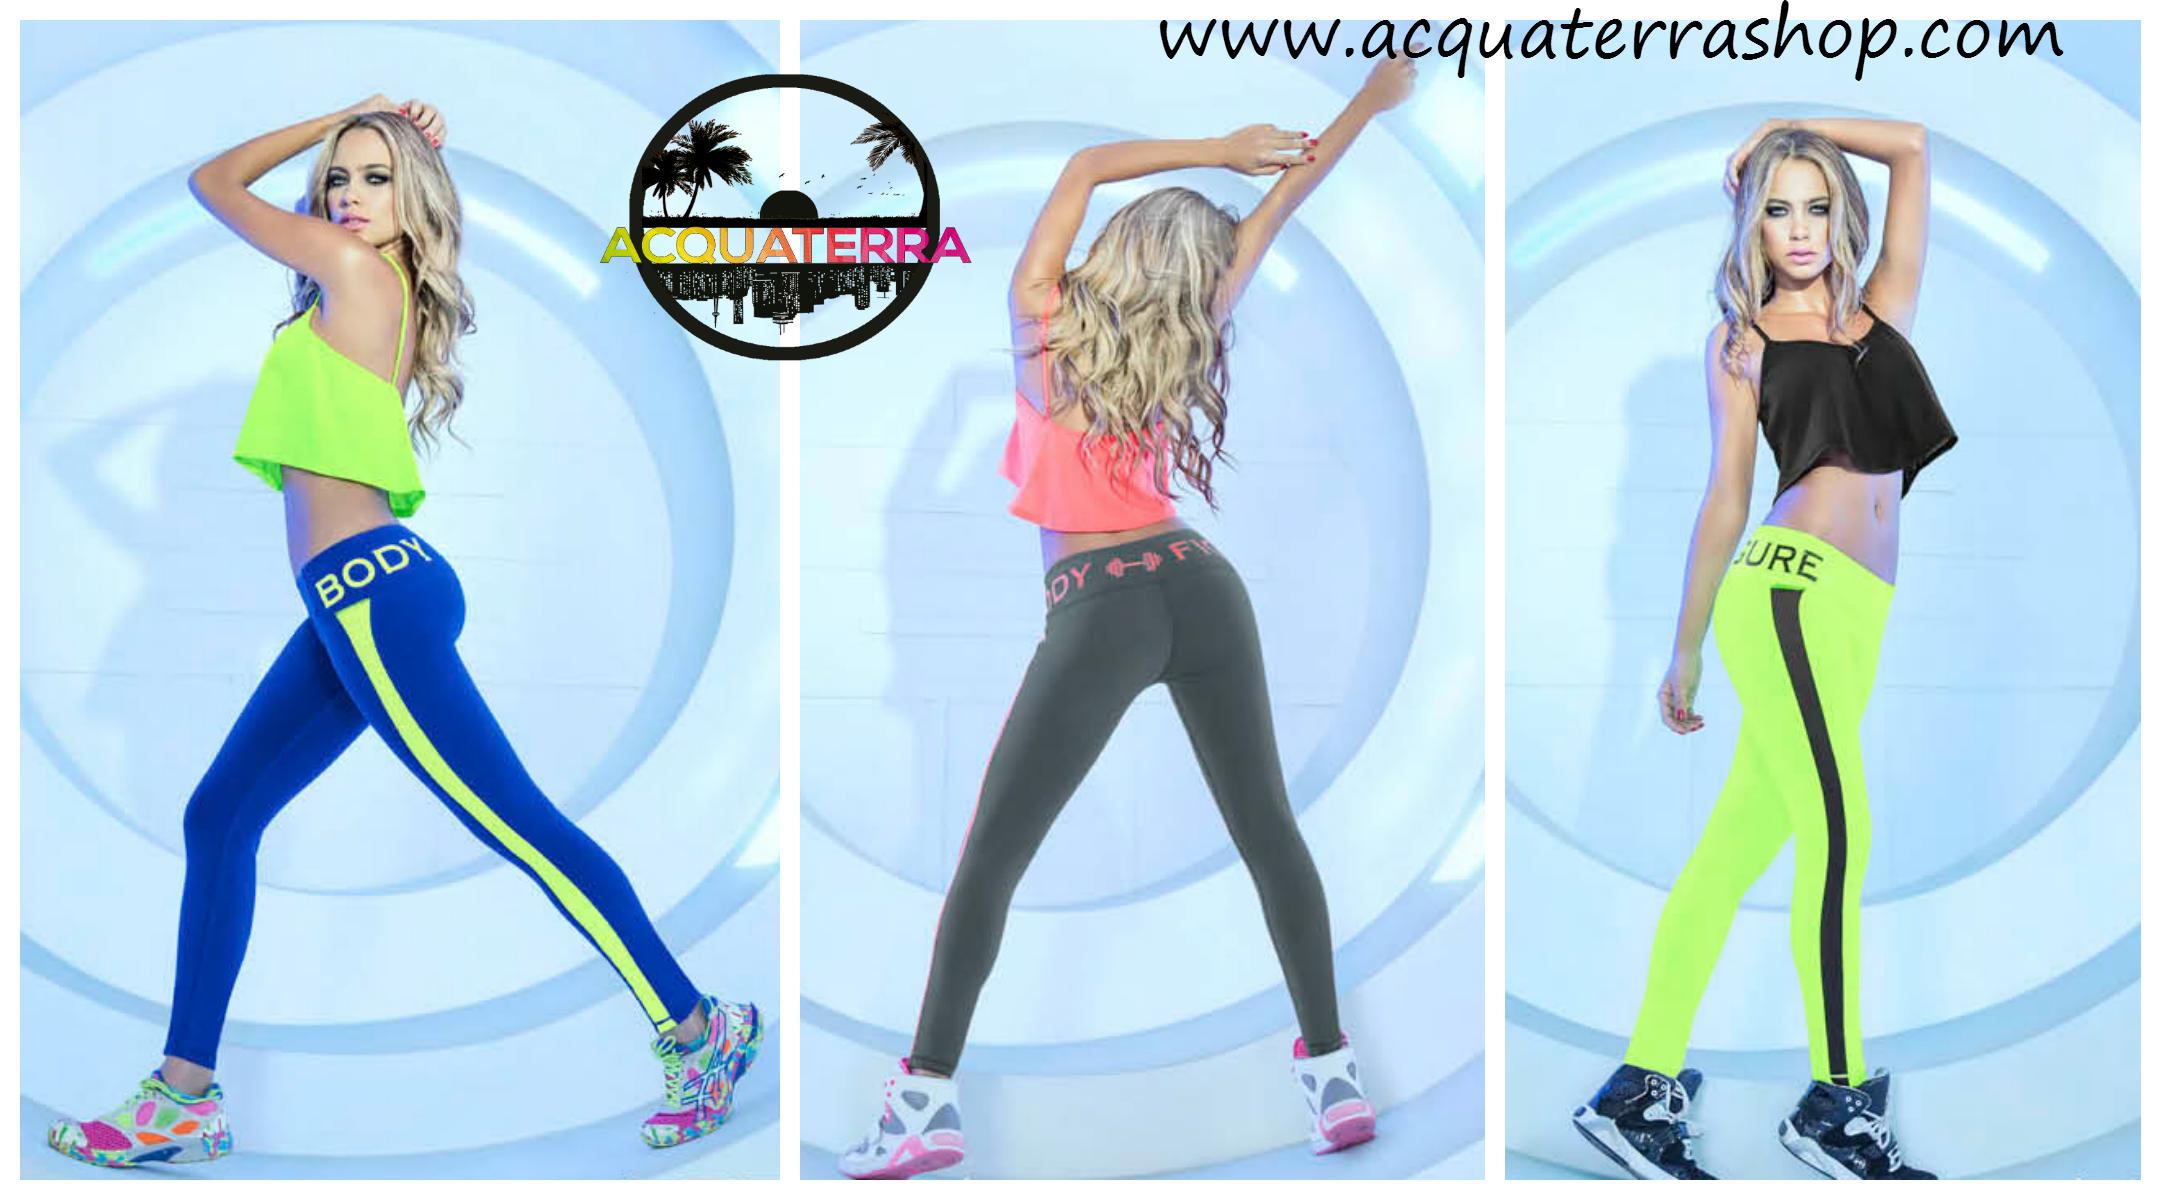 Ven a ver nuestra colección de ropa deportiva, te sorprenderá! Acquaterra- Vila Olimpica www.acquaterrashop.com